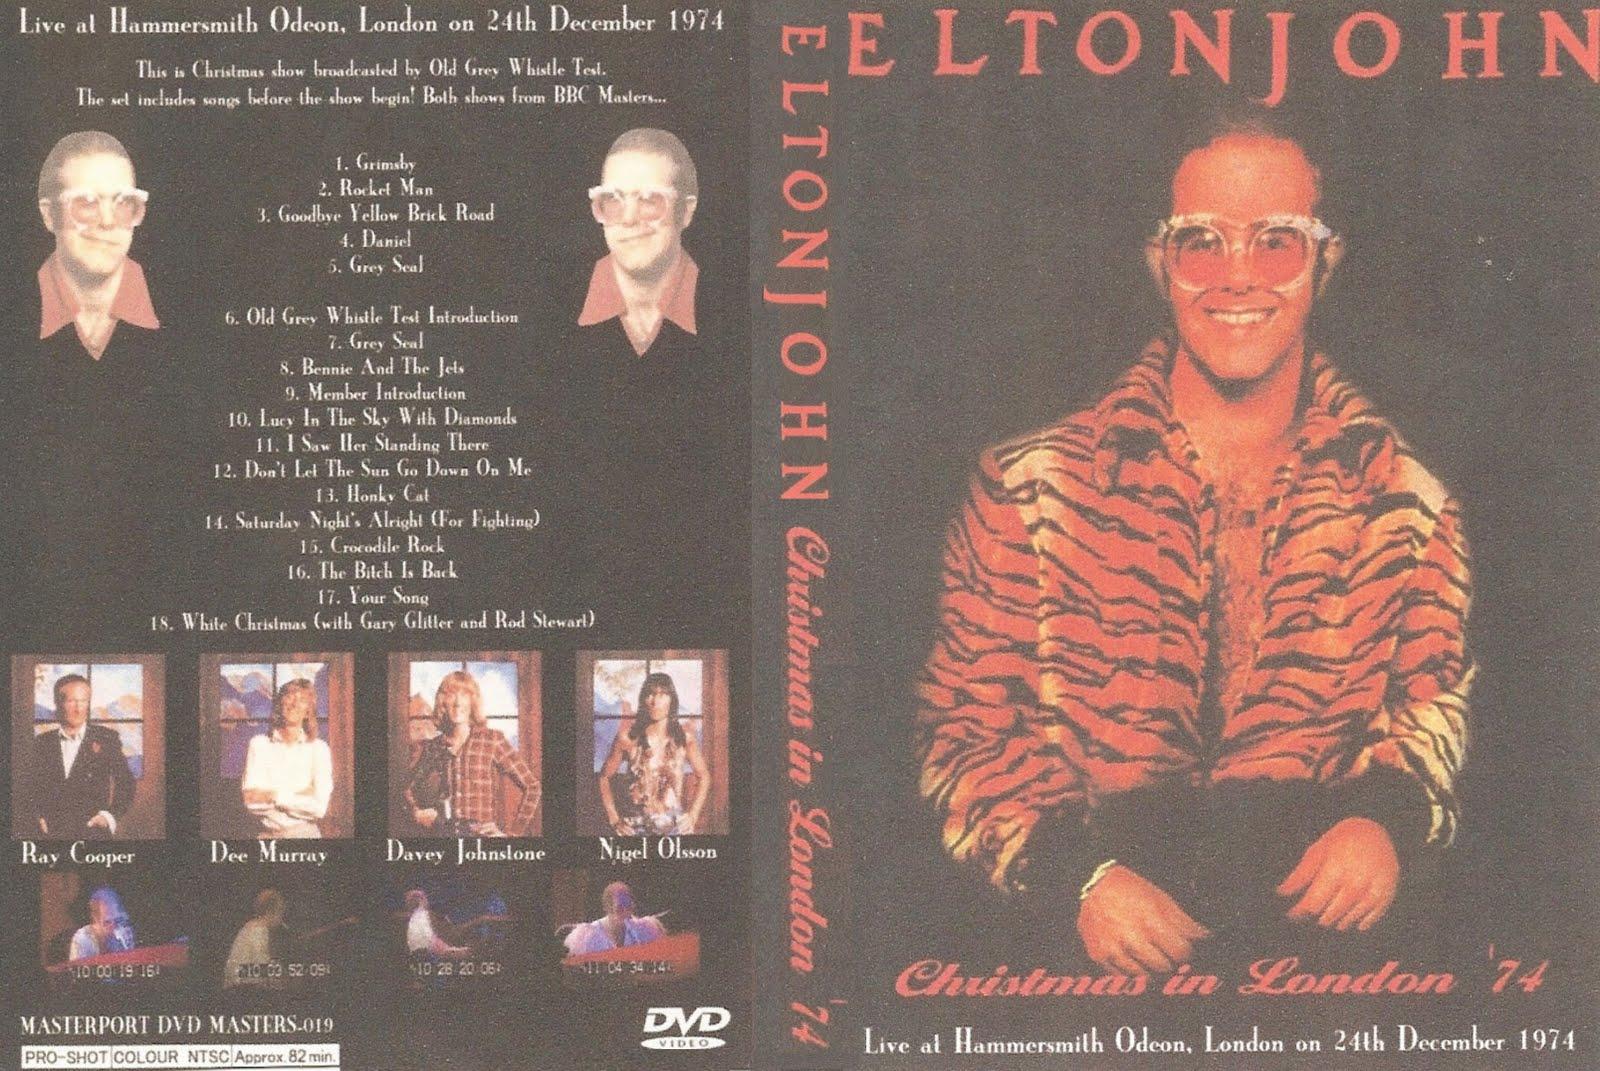 Conciertos desde el sofa de casa - Página 6 Elton+John+DVD+cover